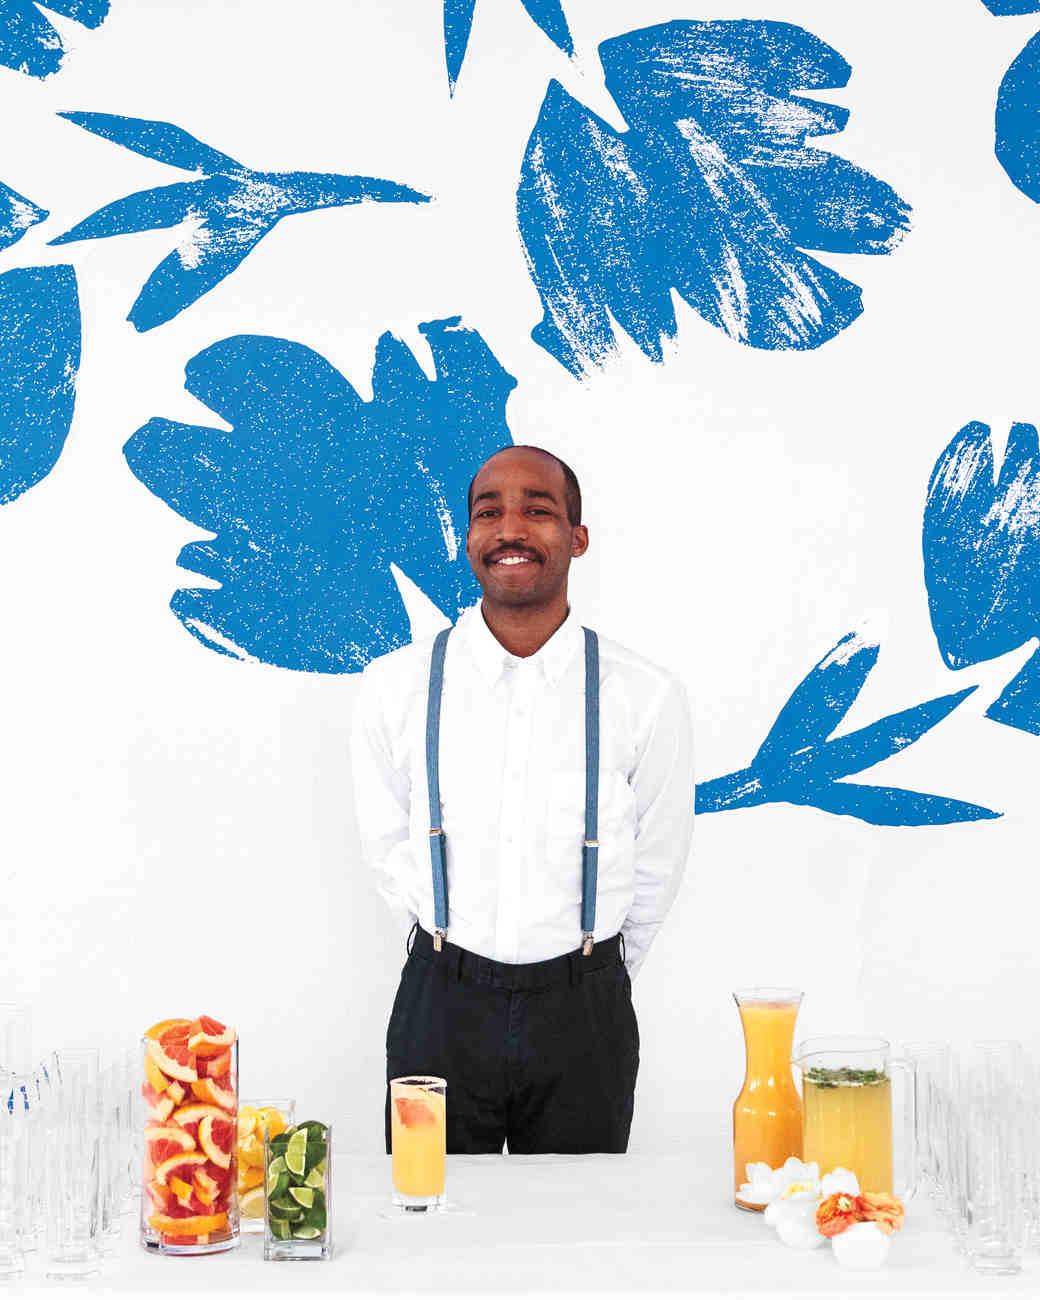 bartender-blake-chris-nyc-255a5028-mwd110141.jpg